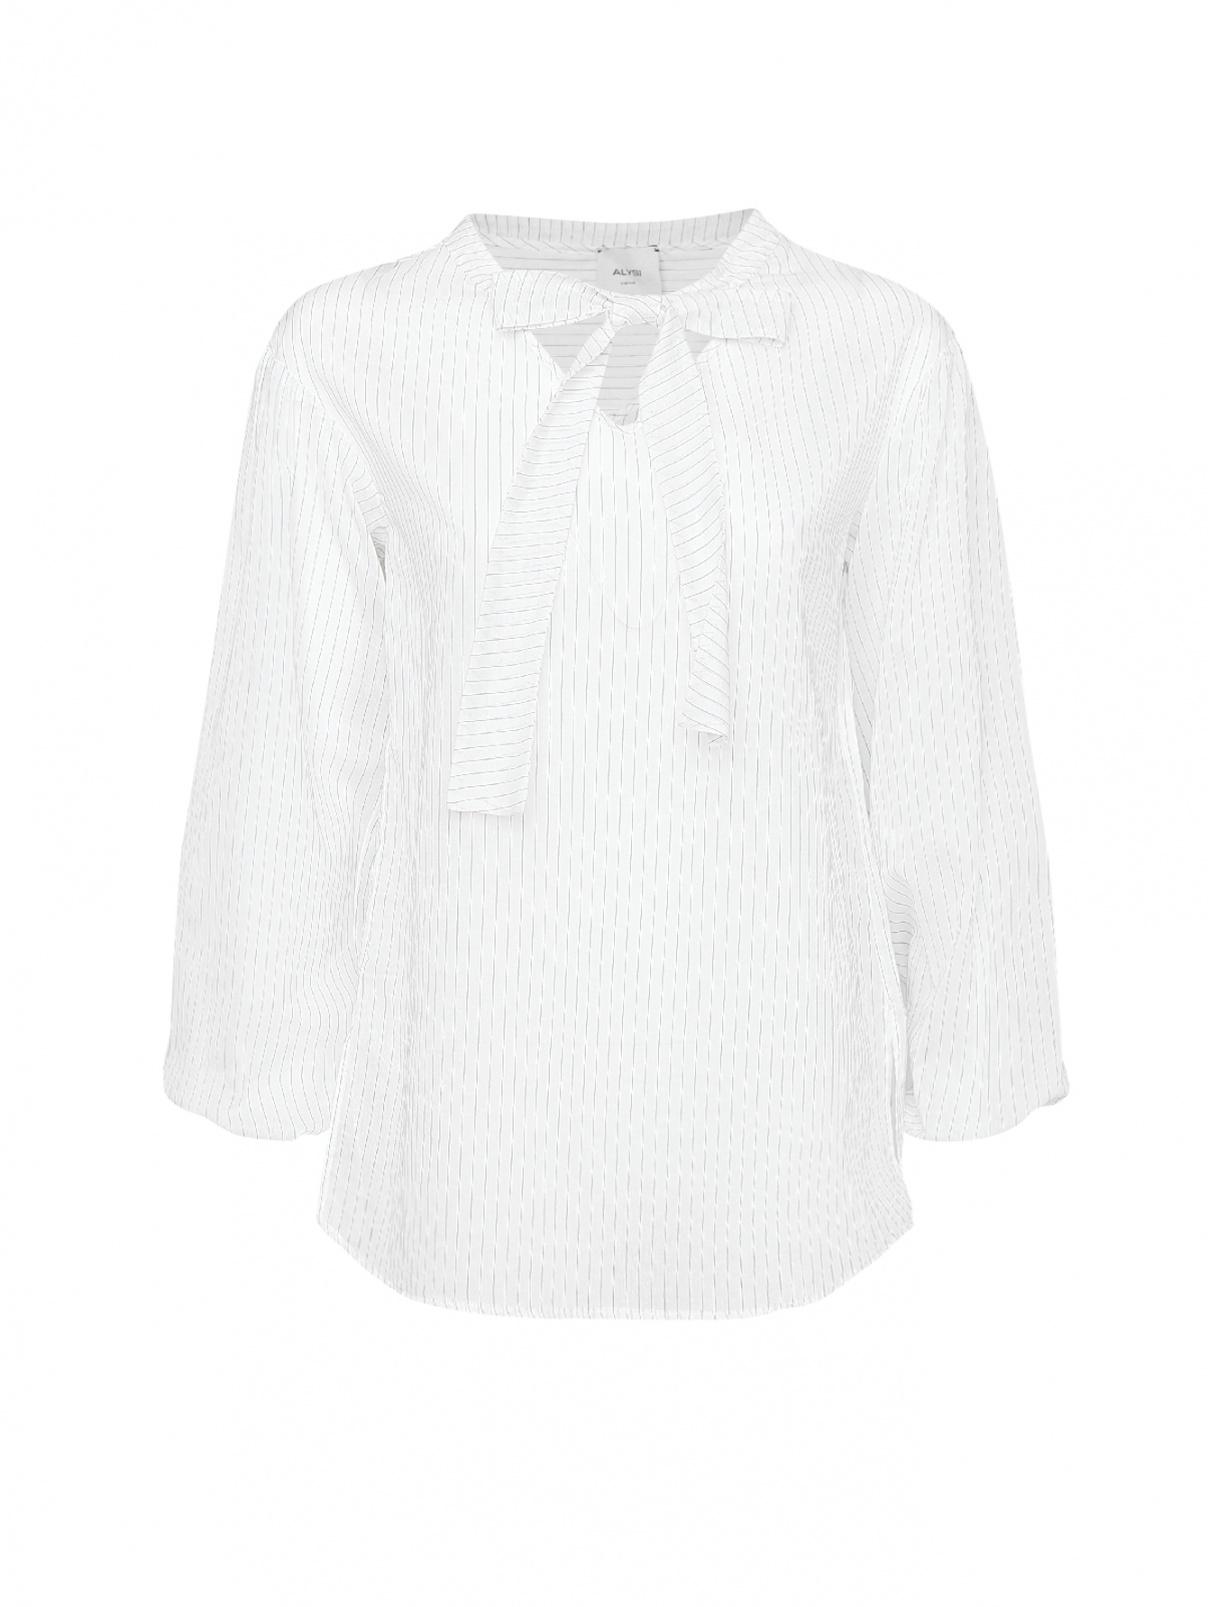 Блуза из хлопка и шелка в полоску Alysi  –  Общий вид  – Цвет:  Белый